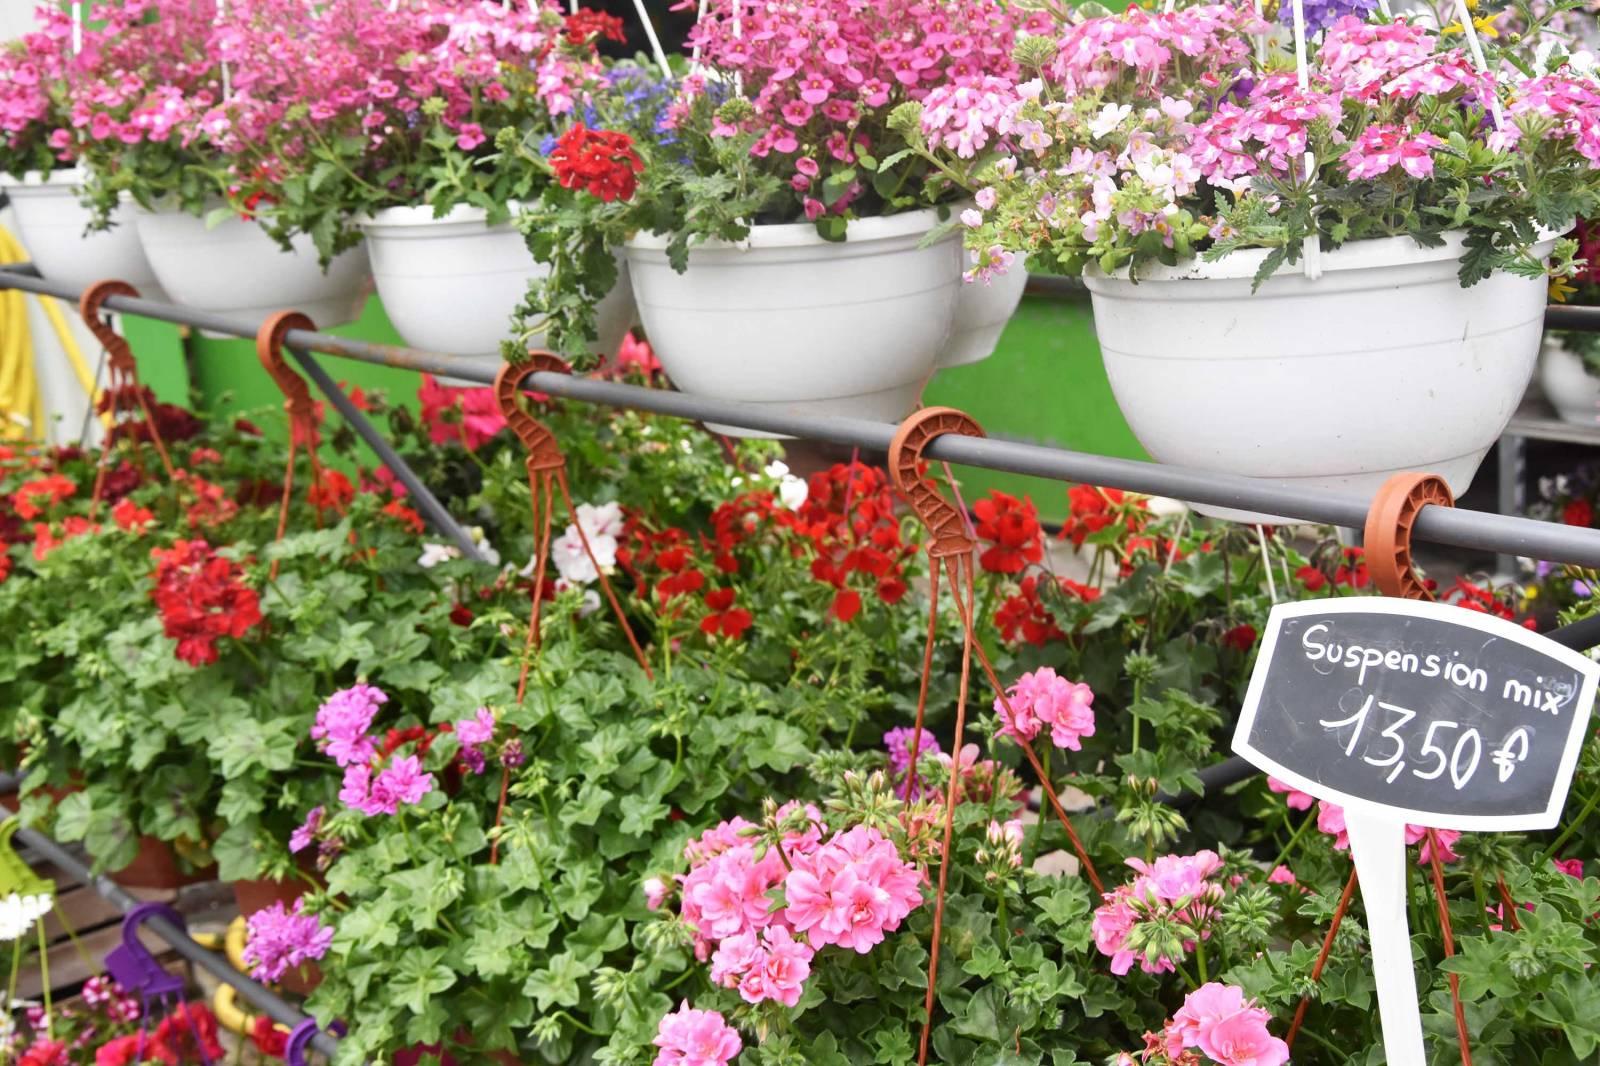 Vente Fleurs Et Plantes À Villefranche-Sur-Saône - Les ... dedans Serre De Jardin D Occasion